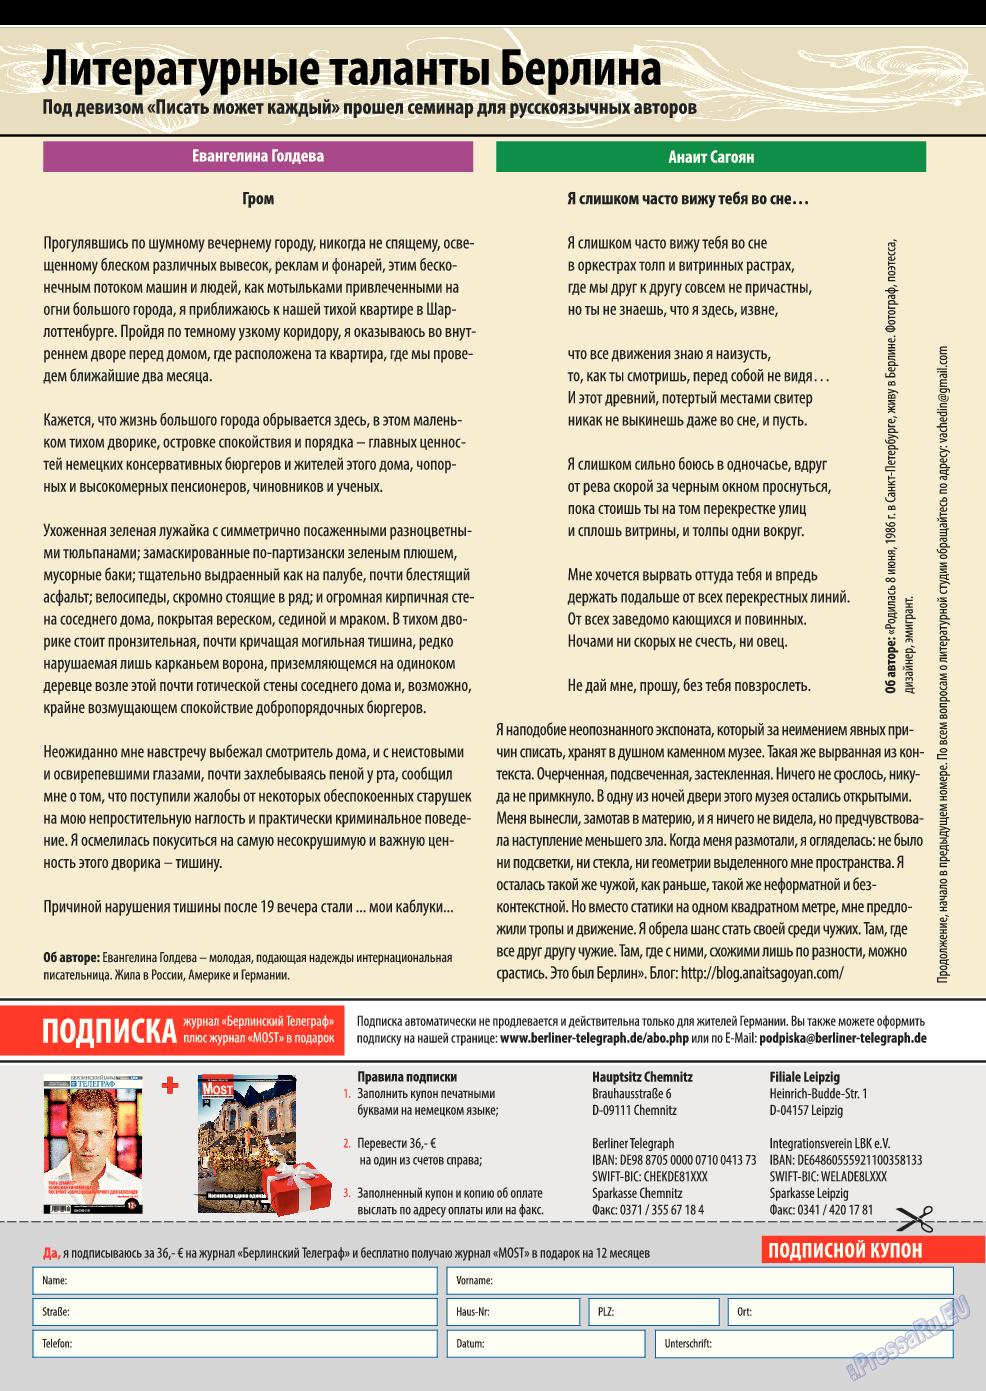 Берлинский телеграф (журнал). 2015 год, номер 10, стр. 30